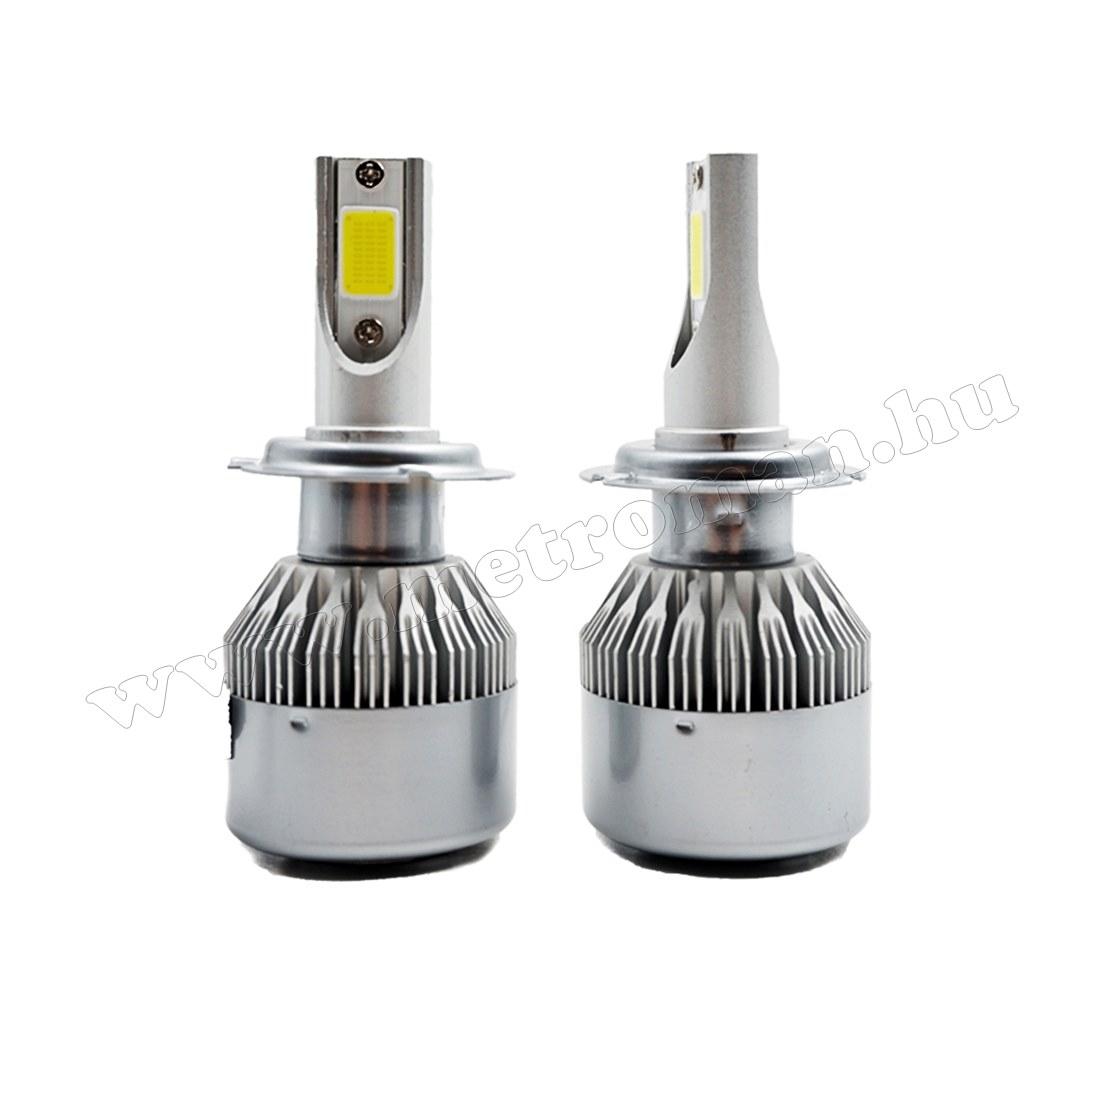 Autós H7 LED reflektor izzó szett 30 W MLED-H7-4300K